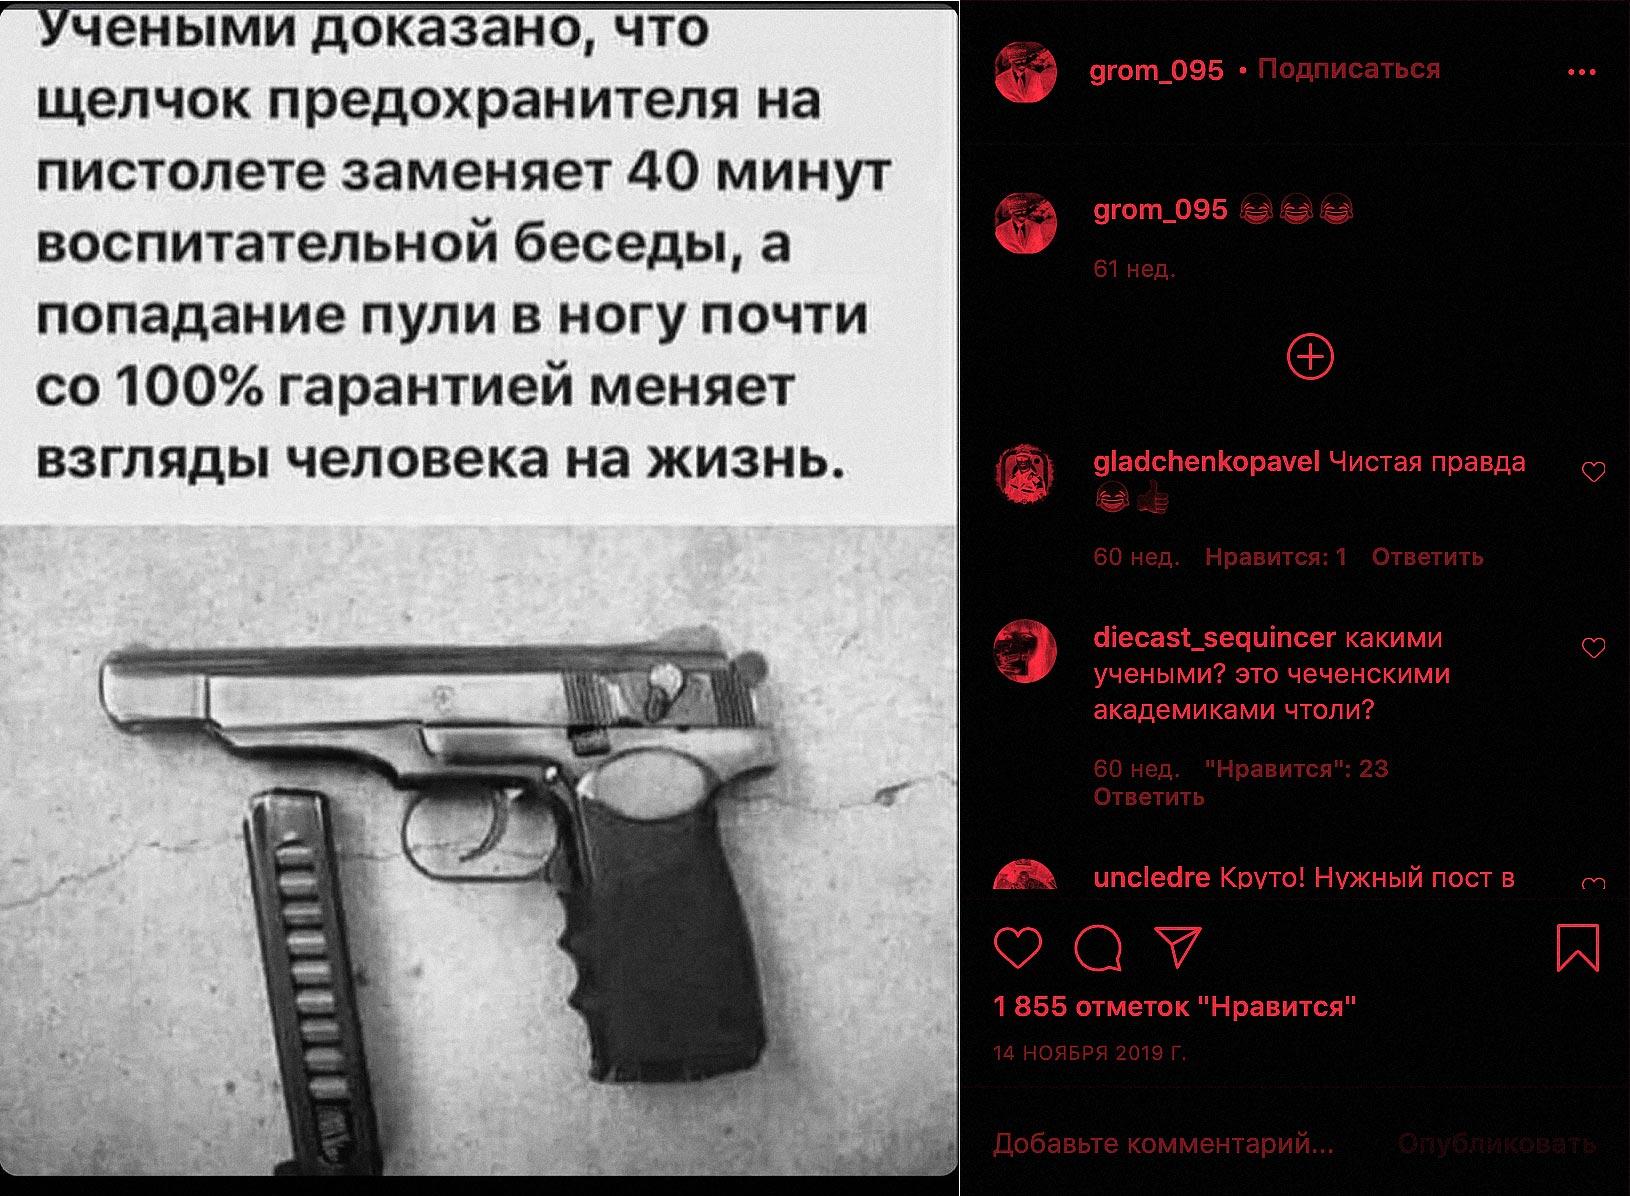 chechen omon - <b>Чеченців із Євросоюзу погрожують депортувати в Росію, де з ними може розправитися Кадиров.</b> Заборона поговорила з одним із них - Заборона